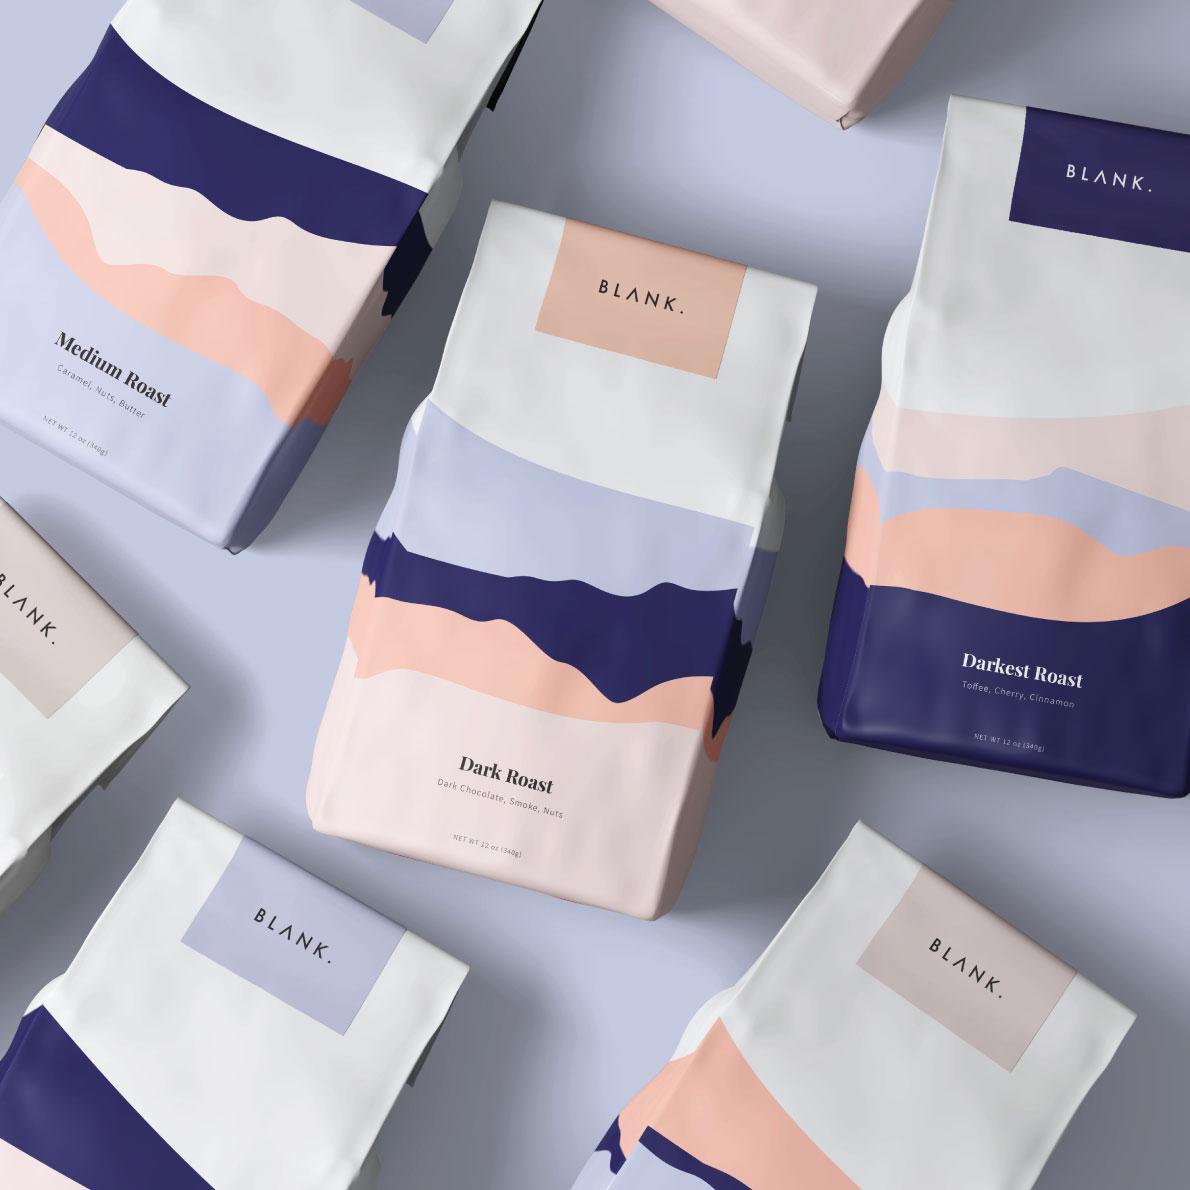 Blank Coffee Brand Design by Studio Jazeena